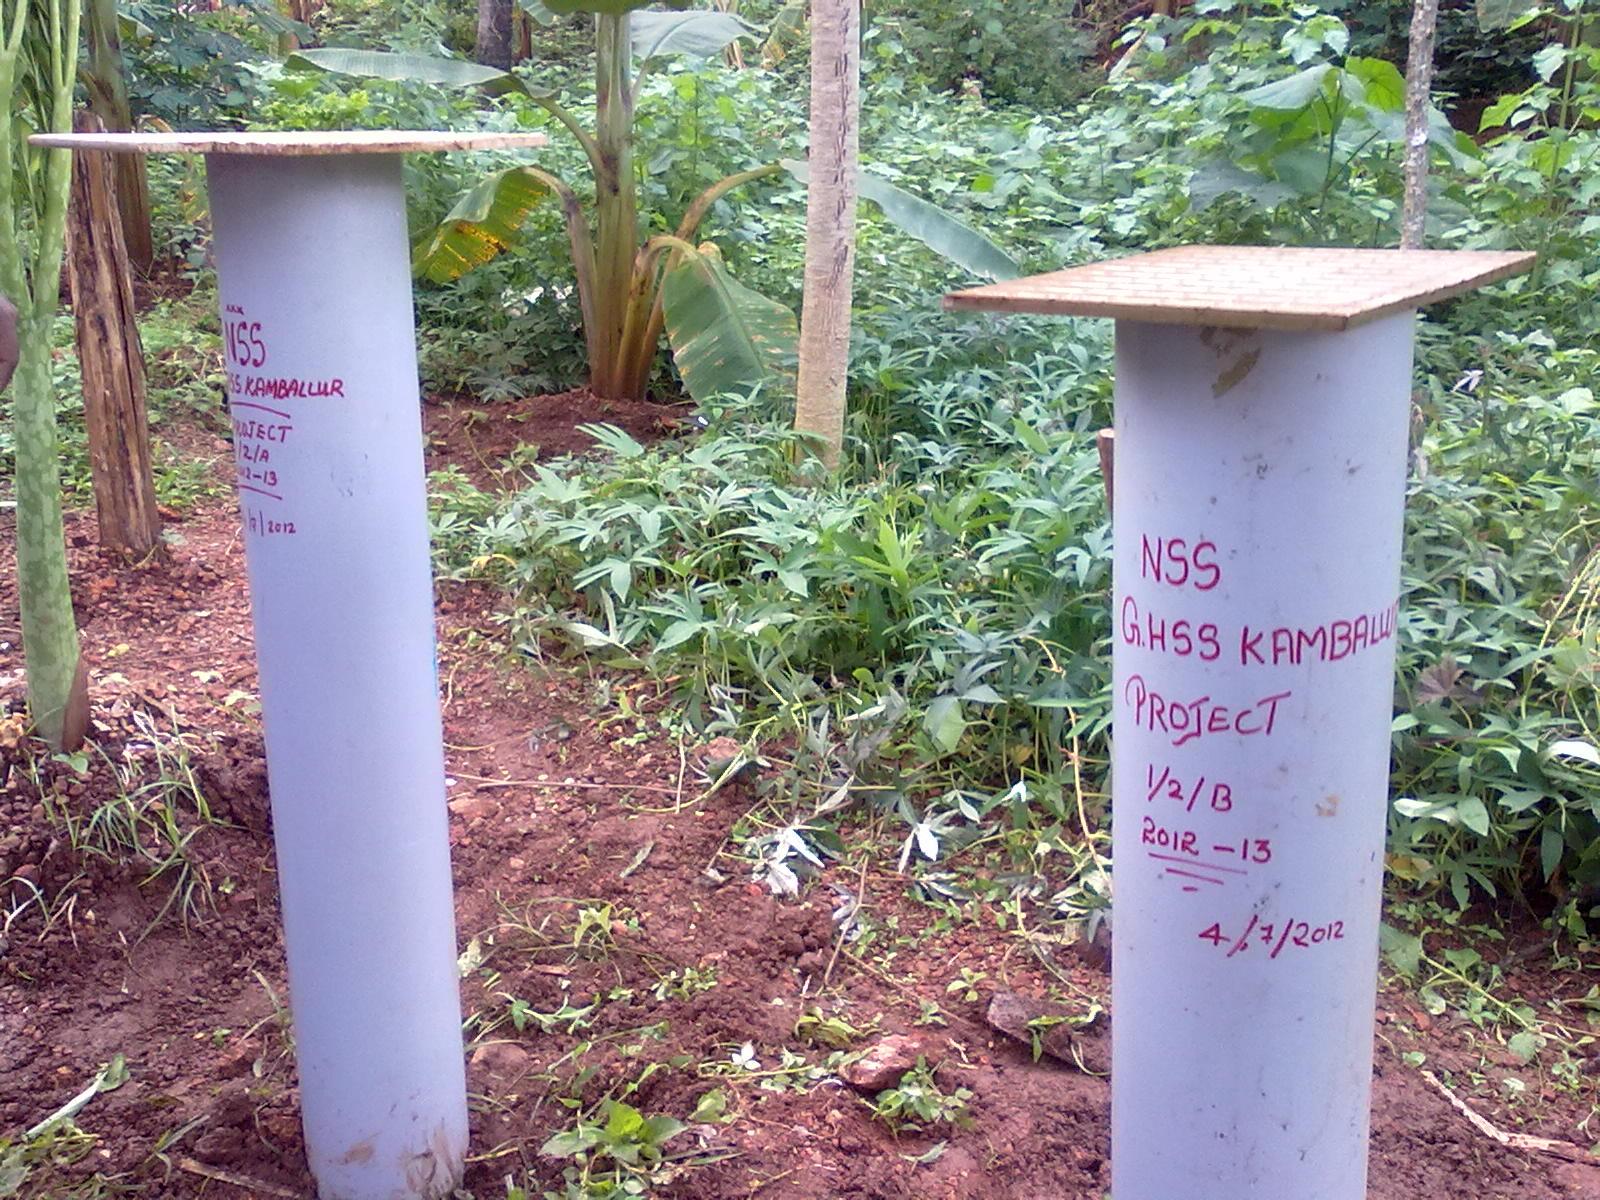 Nss Ghss Kamballur Unit No 363 Kasaragod Nirmalagramam Project